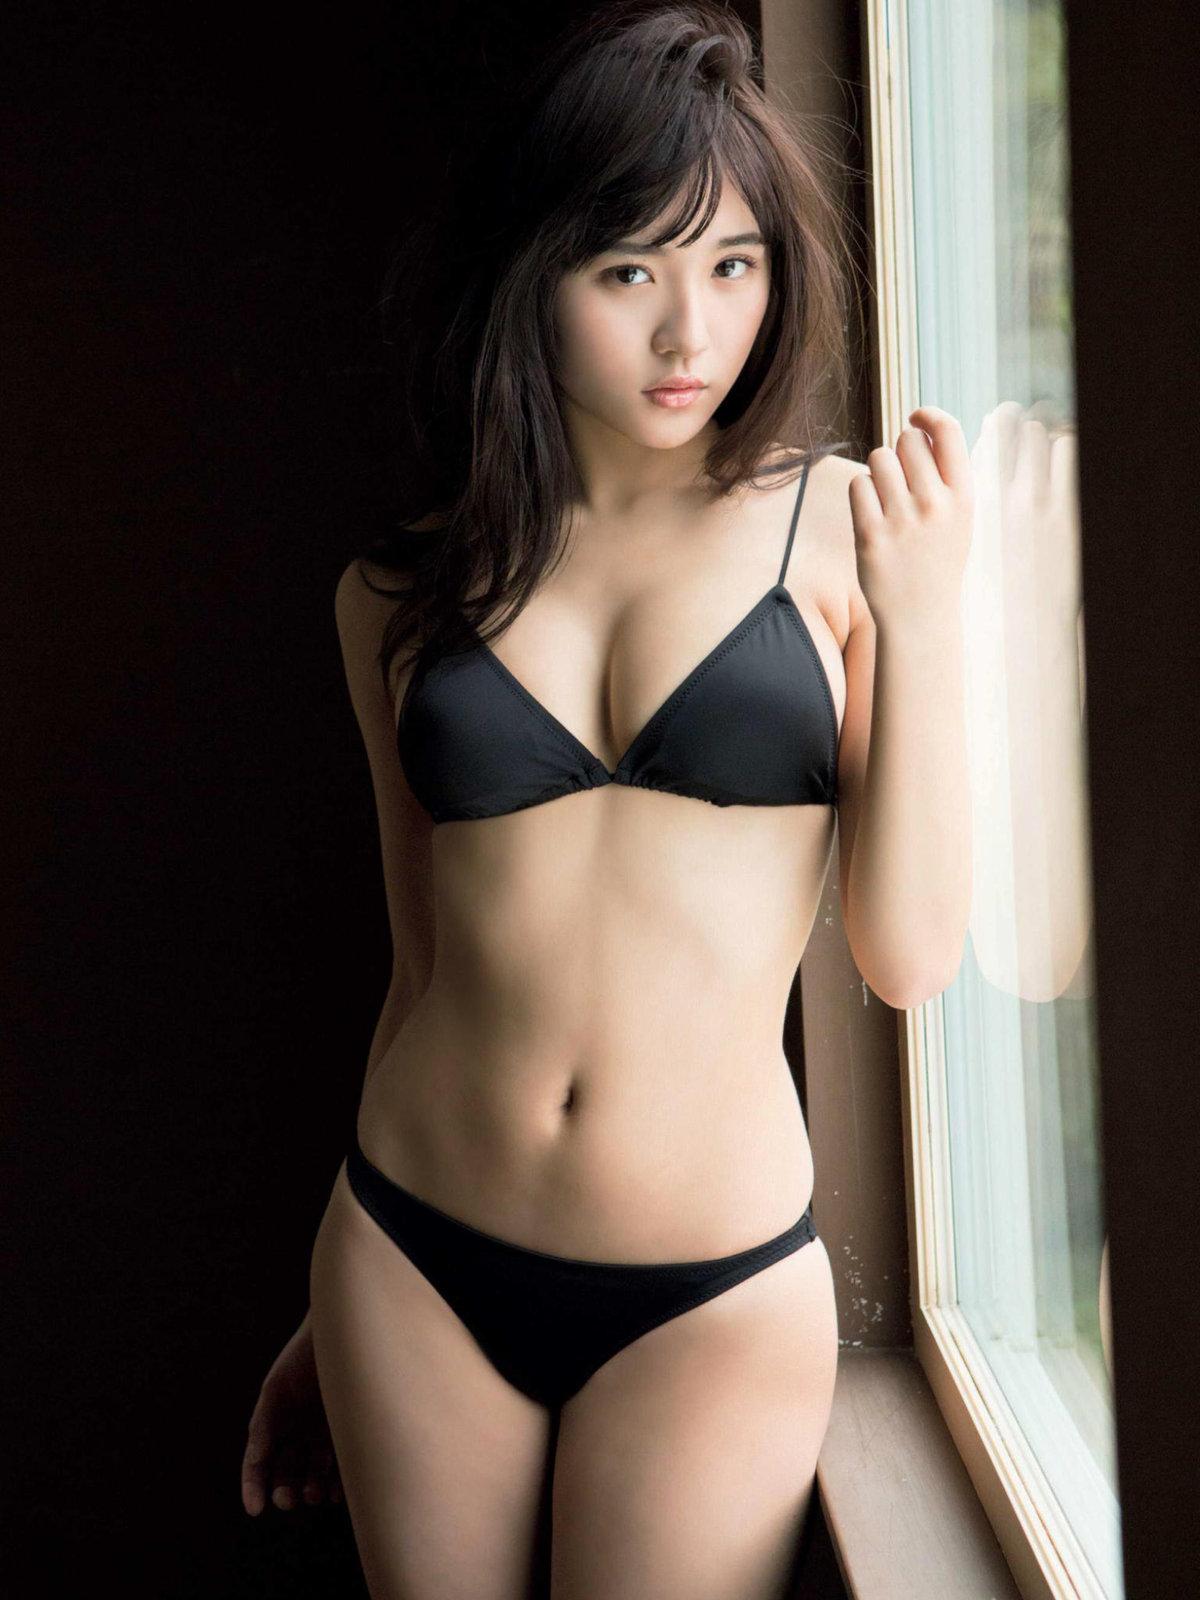 Asakawa Nana (浅川梨奈), Bikini, FRIDAY magazine, Magazine, Oppai, SUPER☆GiRLS